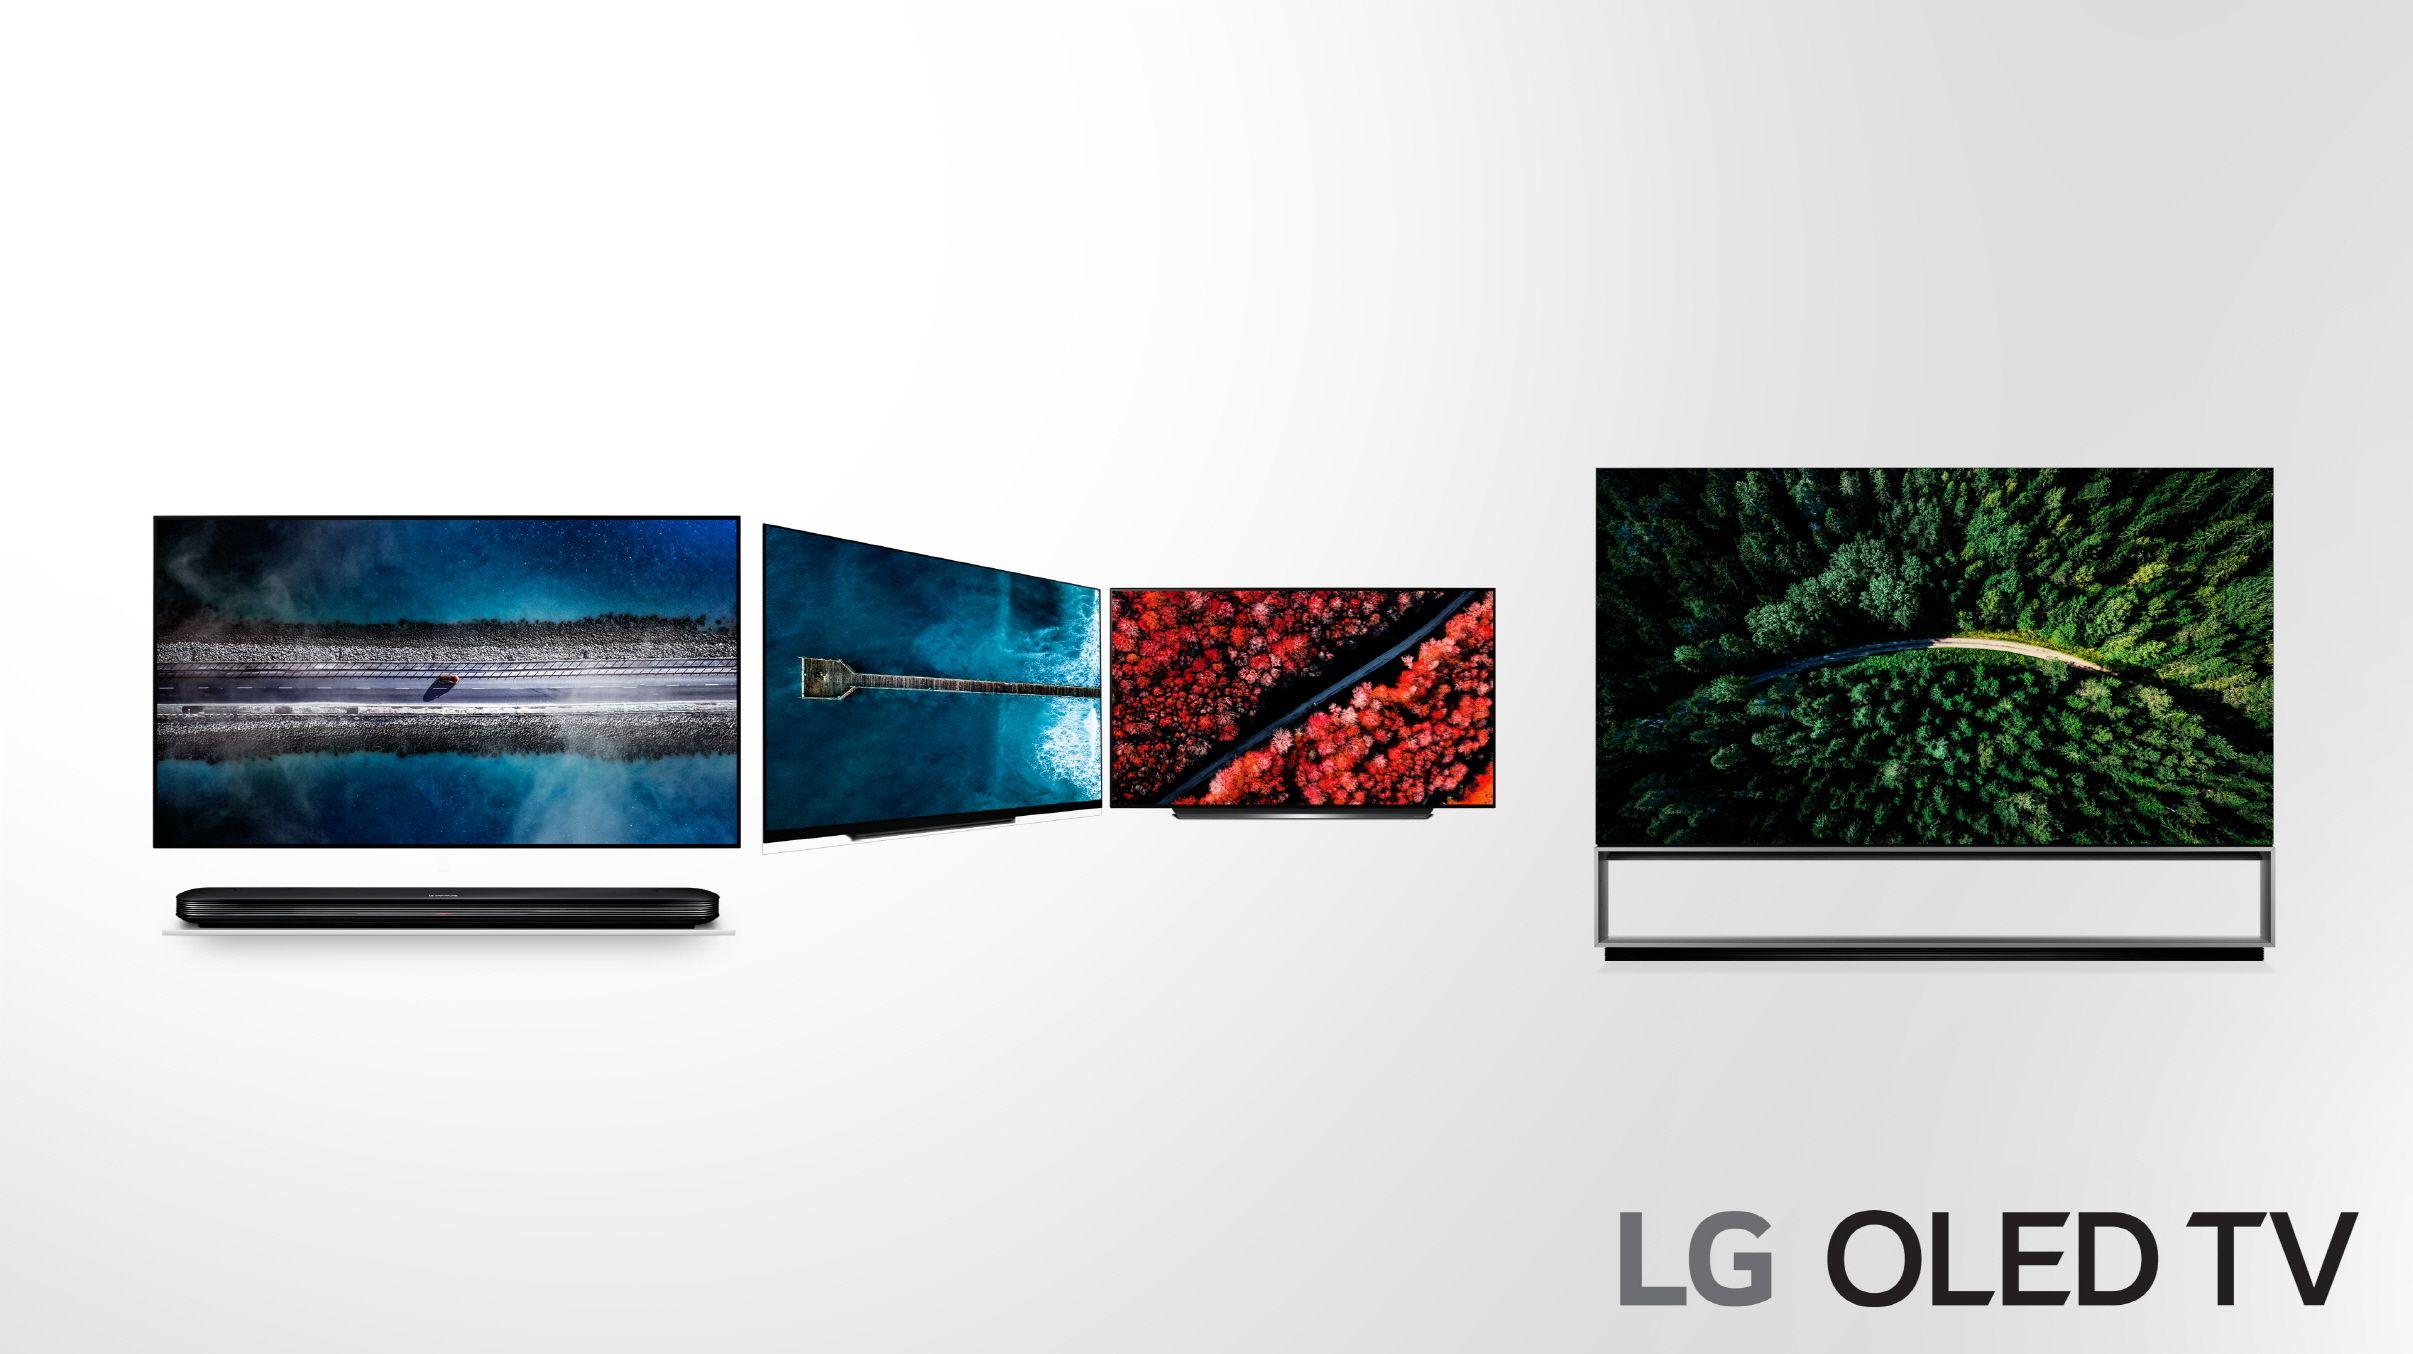 LG avslører sin første 8K-TV klar for markedet